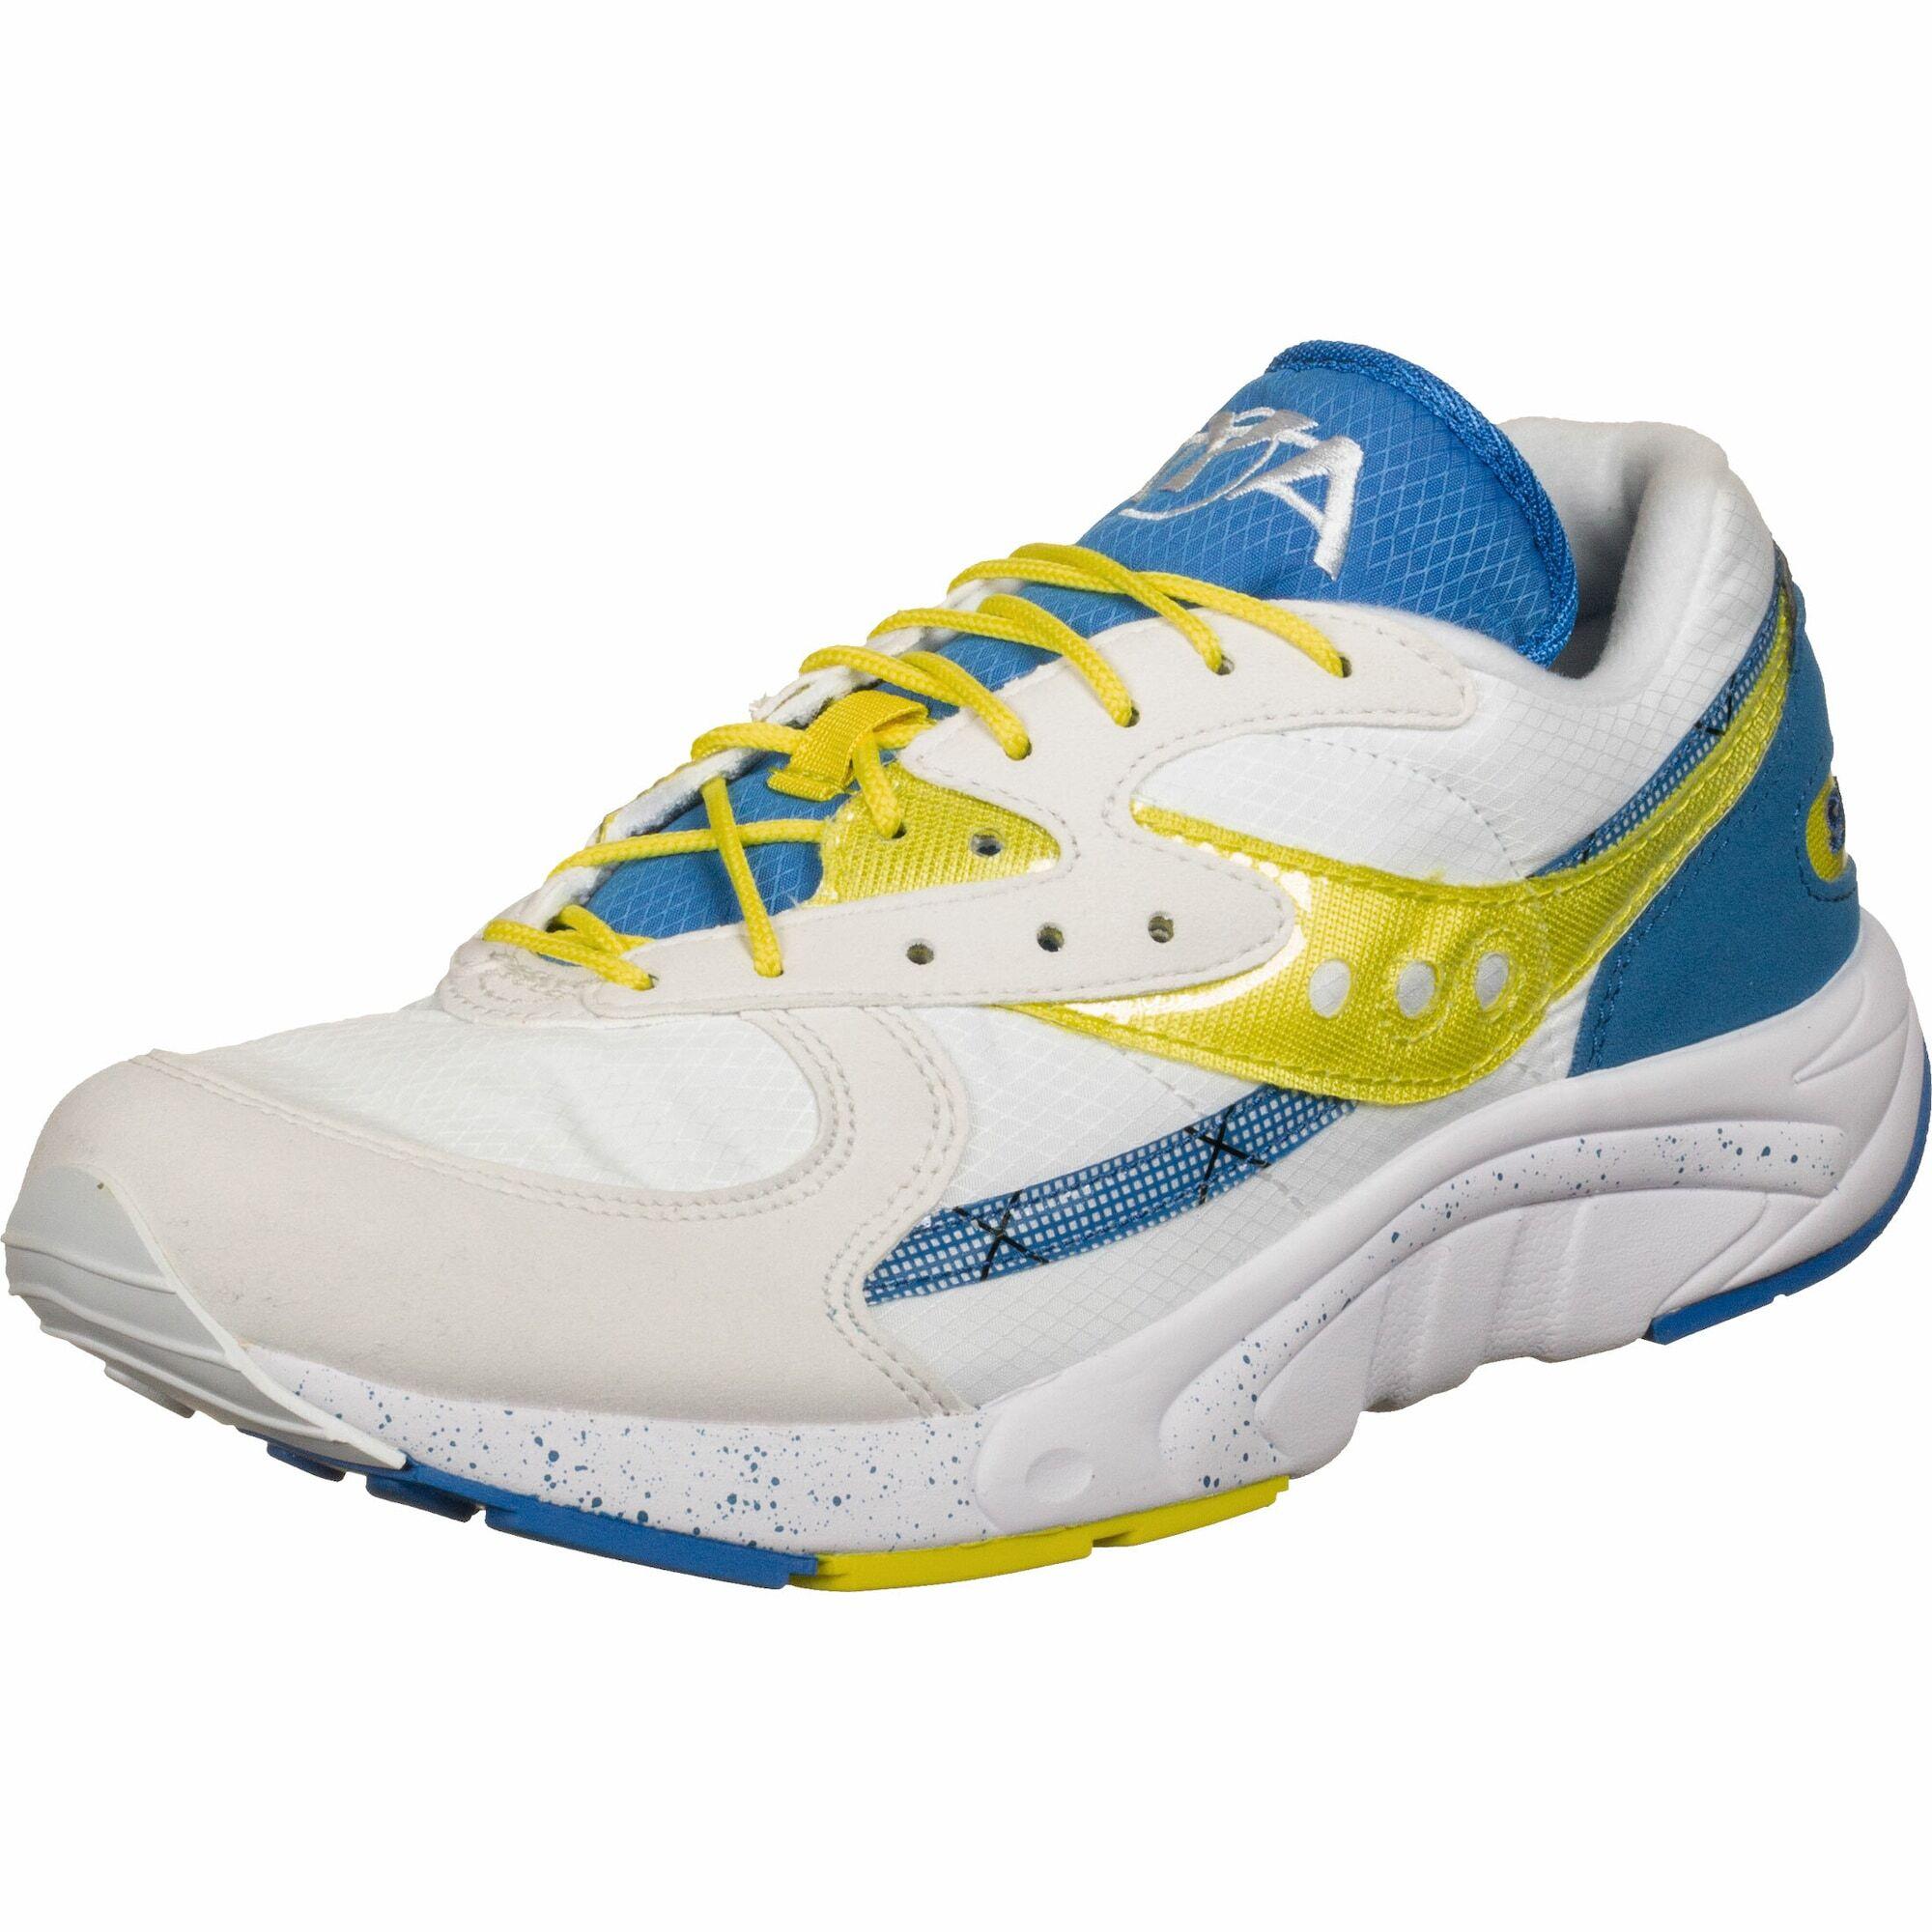 saucony Chaussure de course 'Aya'  - Blanc, Bleu - Taille: 41 - male